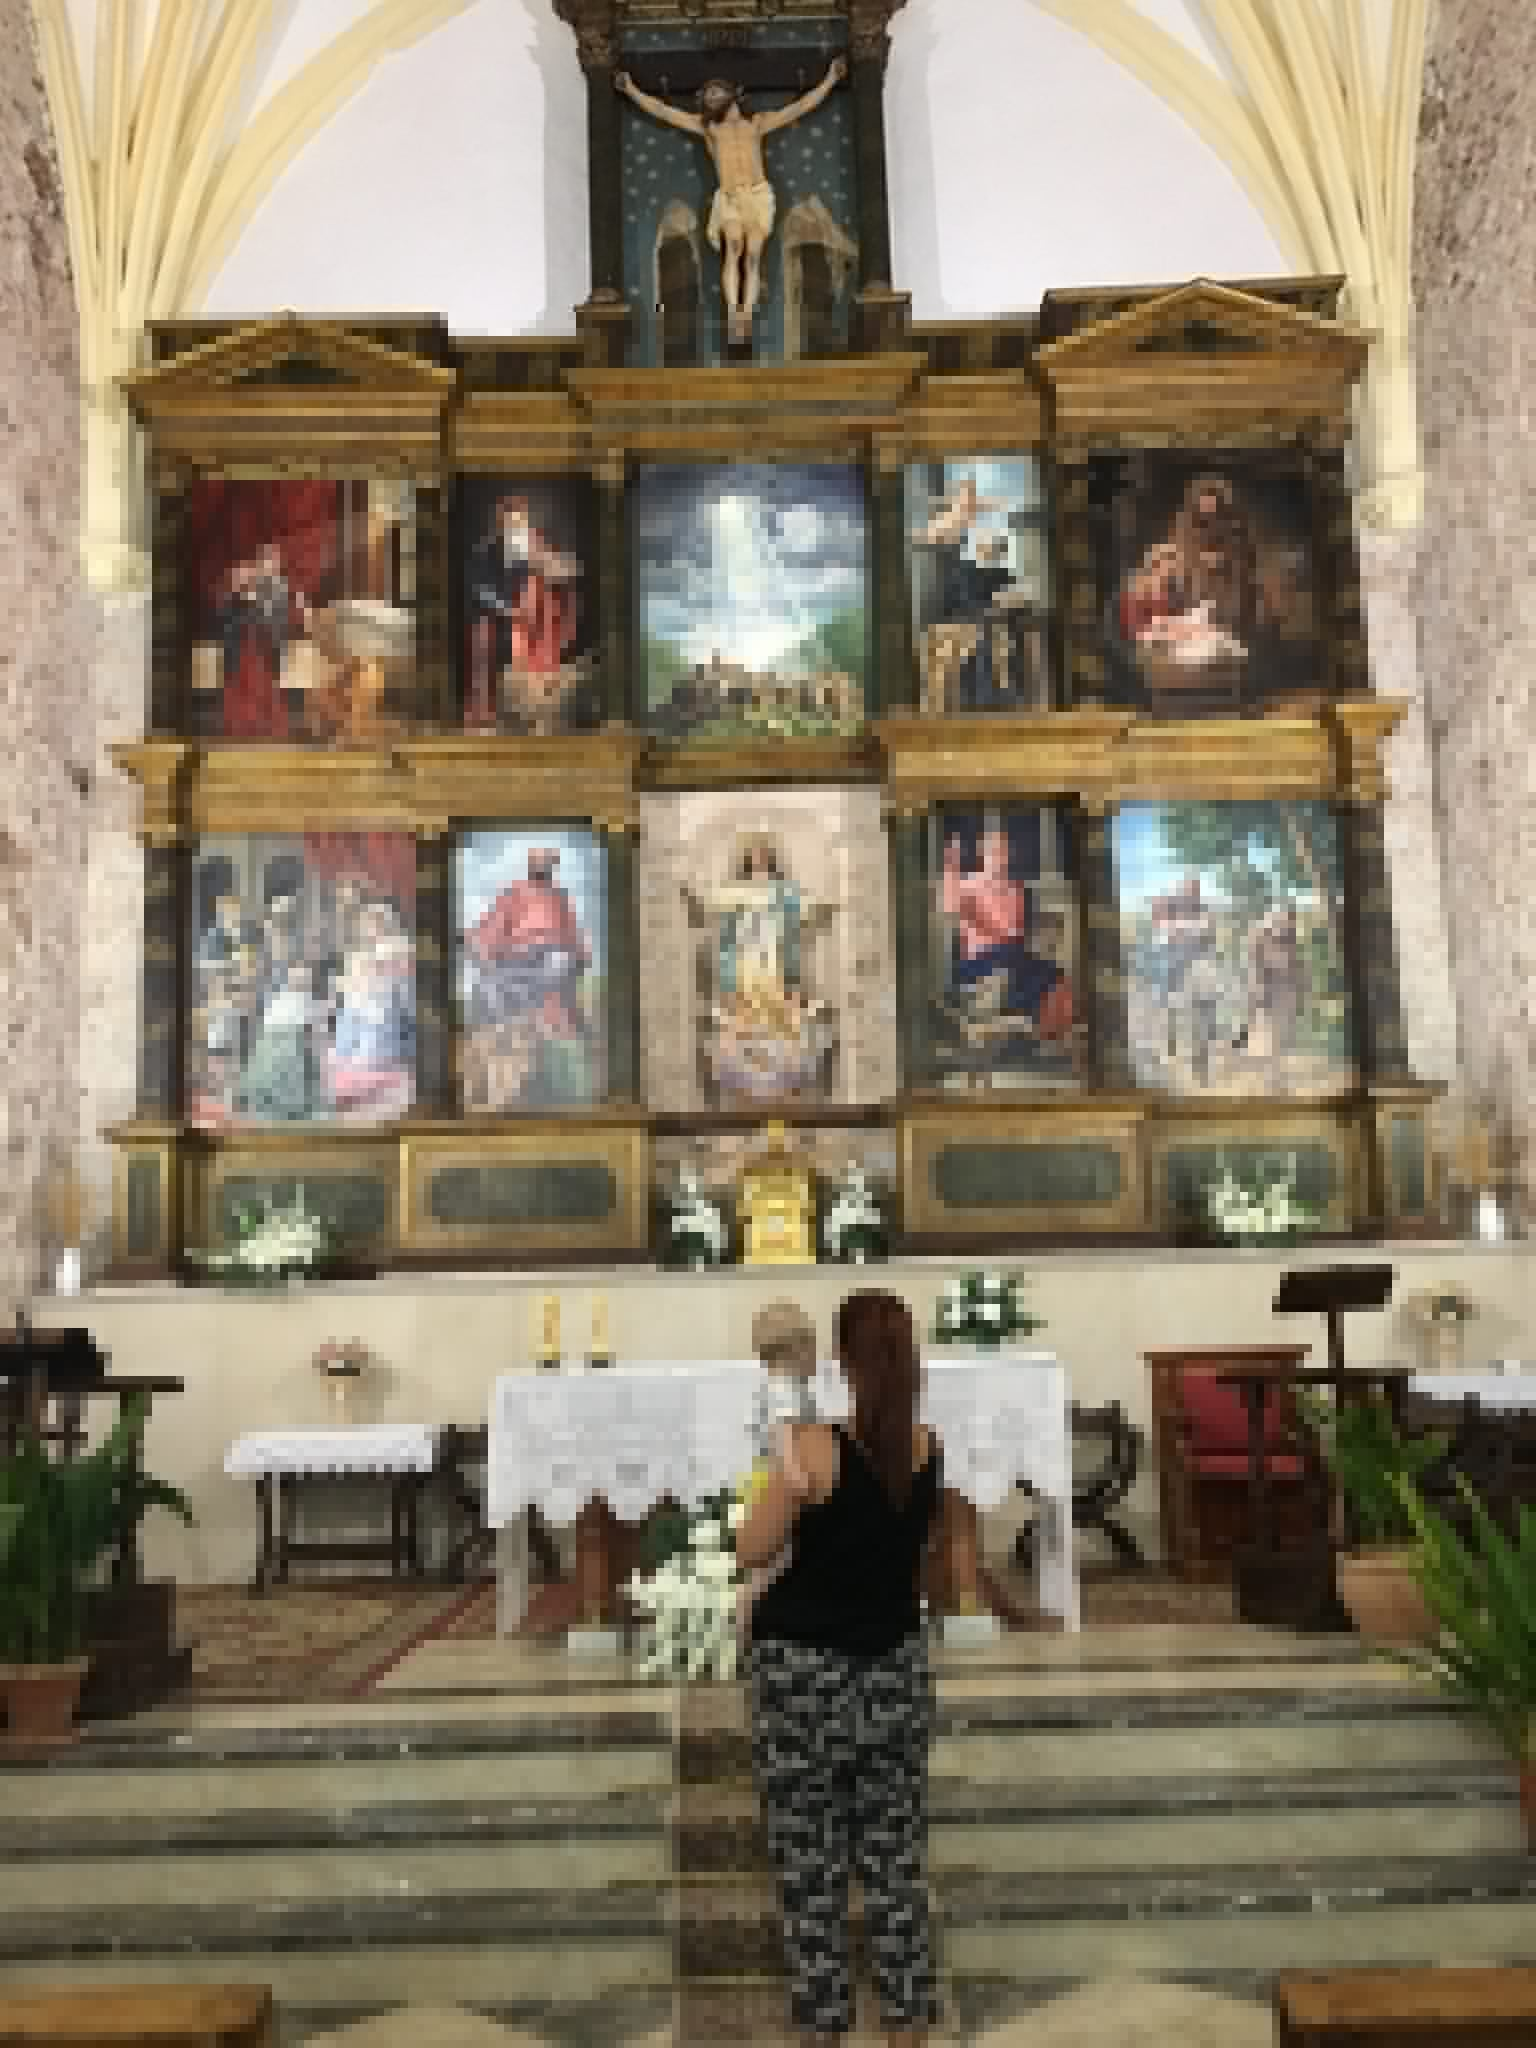 iglesia de Nuestra Señora del Asunción